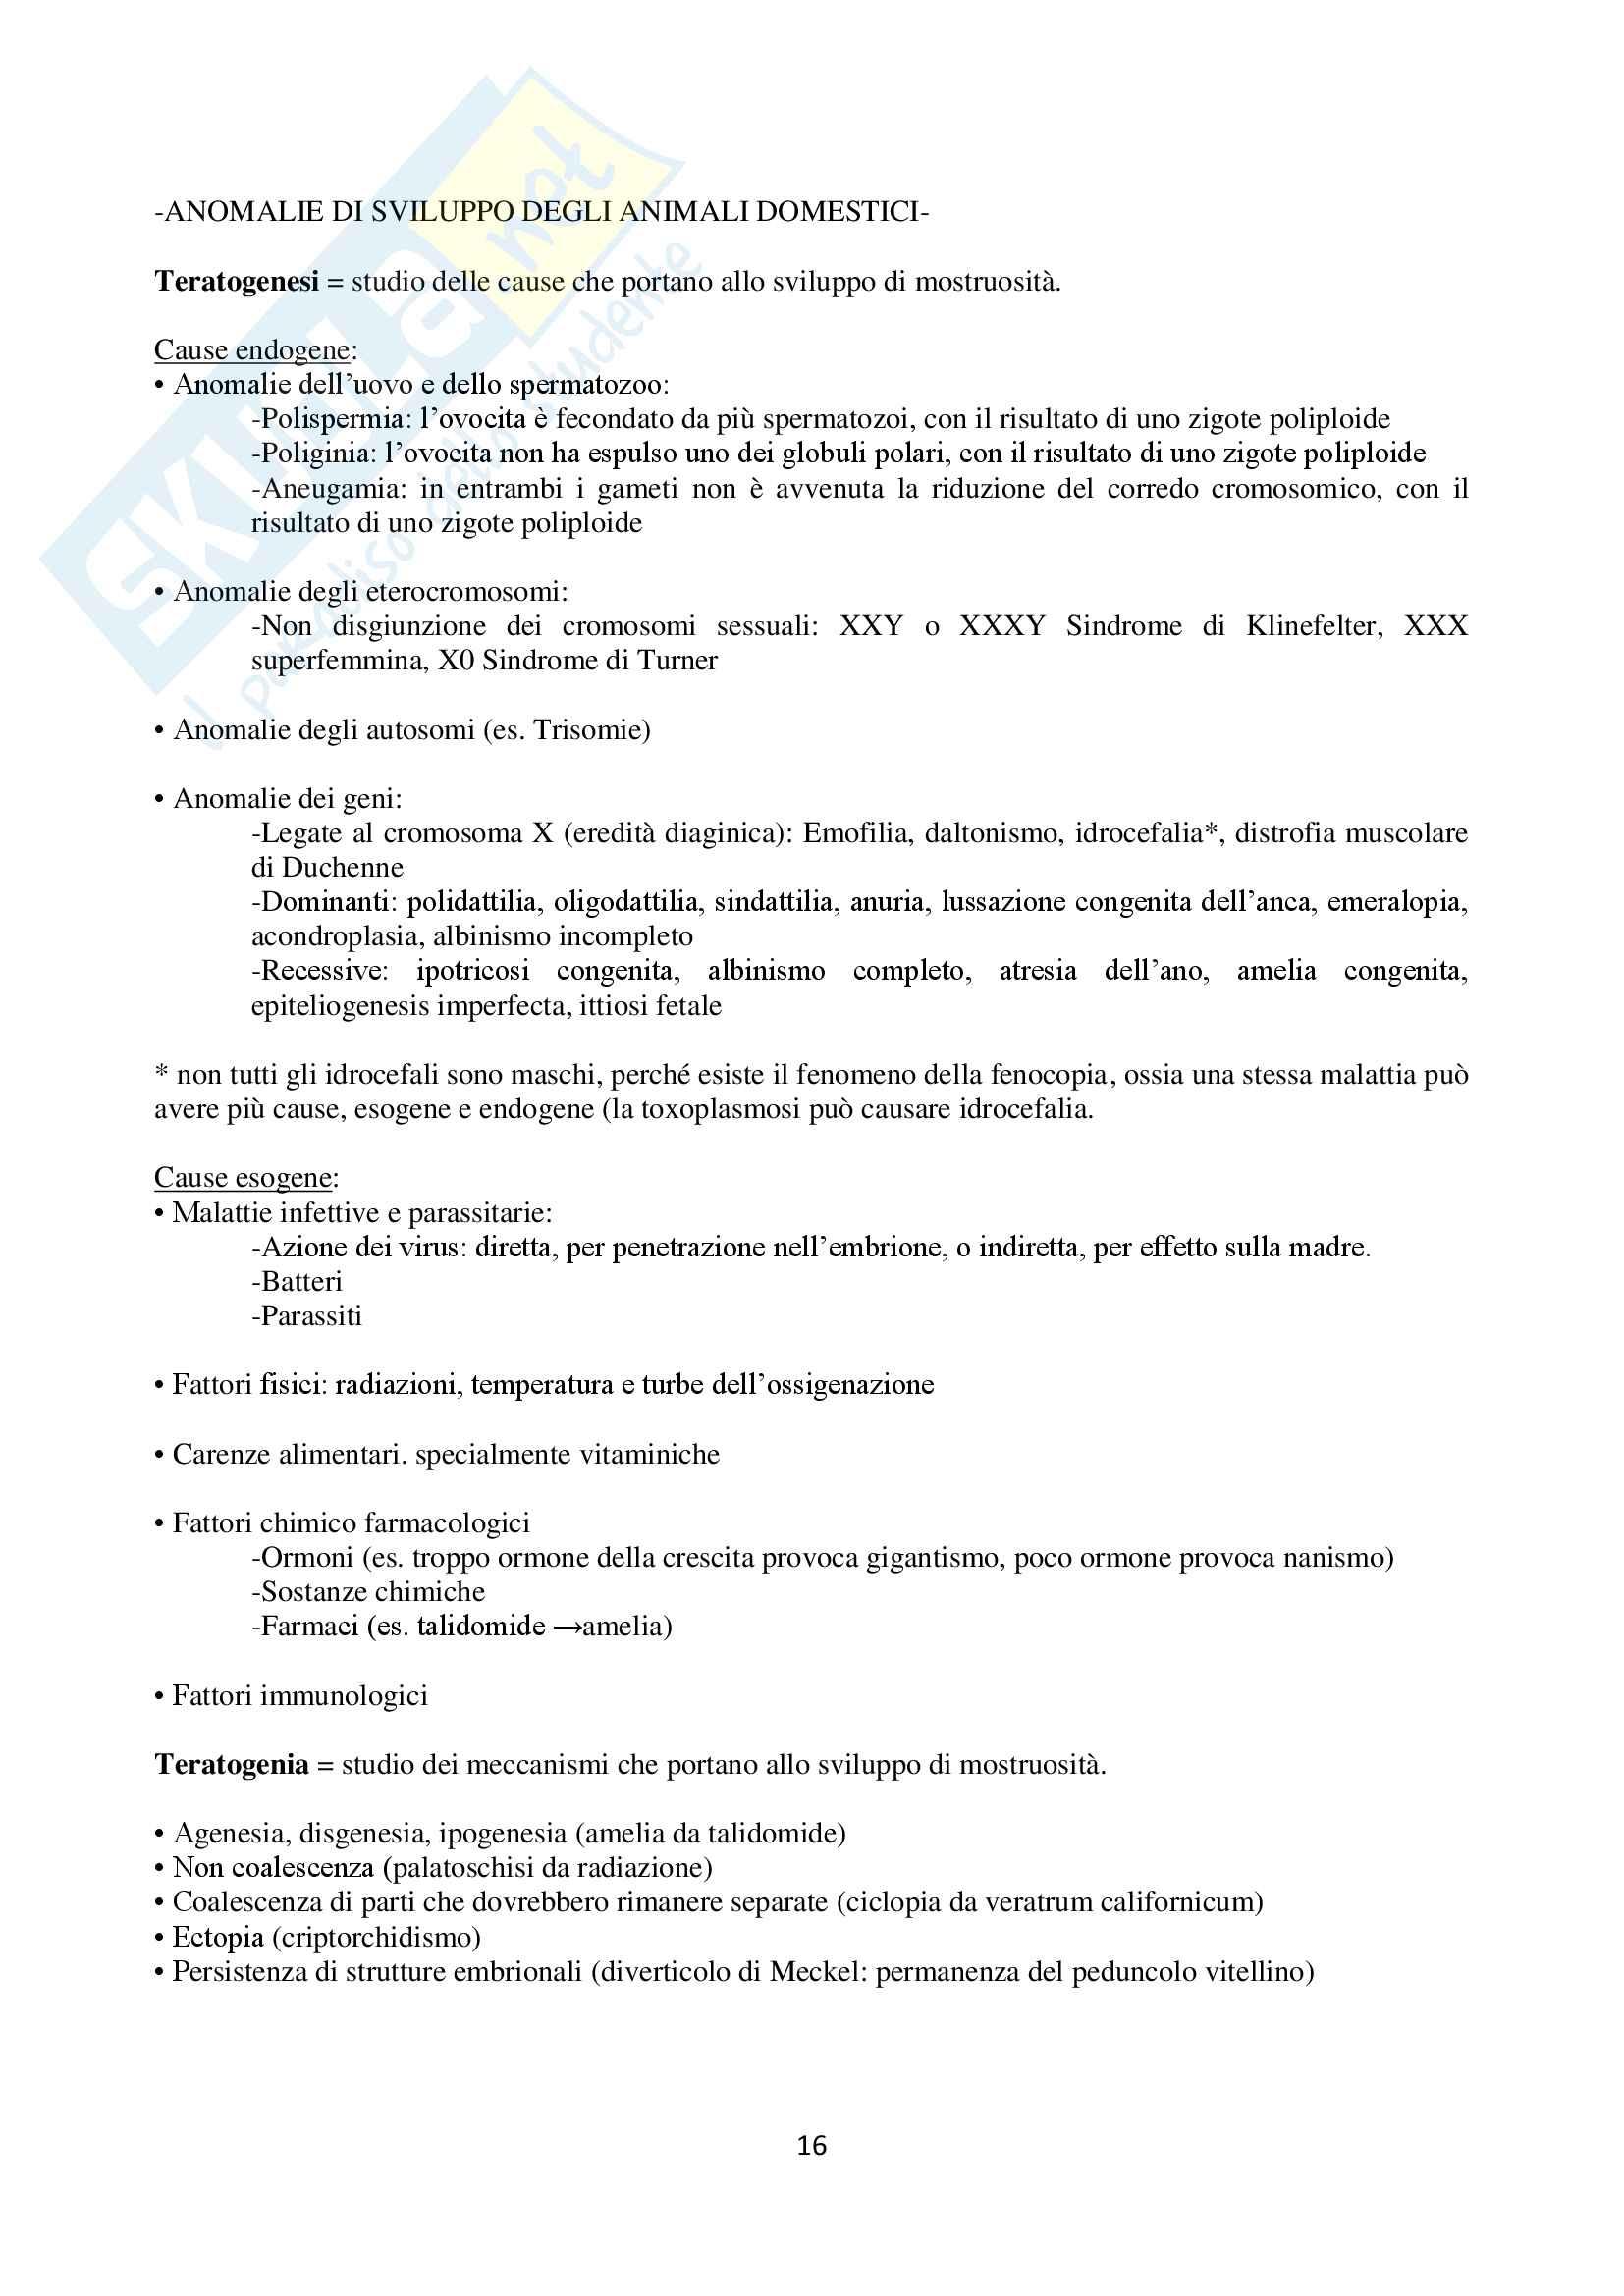 Appunti Embriologia generale e speciale veterinaria ed Anomalie di sviluppo degli animali domestici Pag. 16